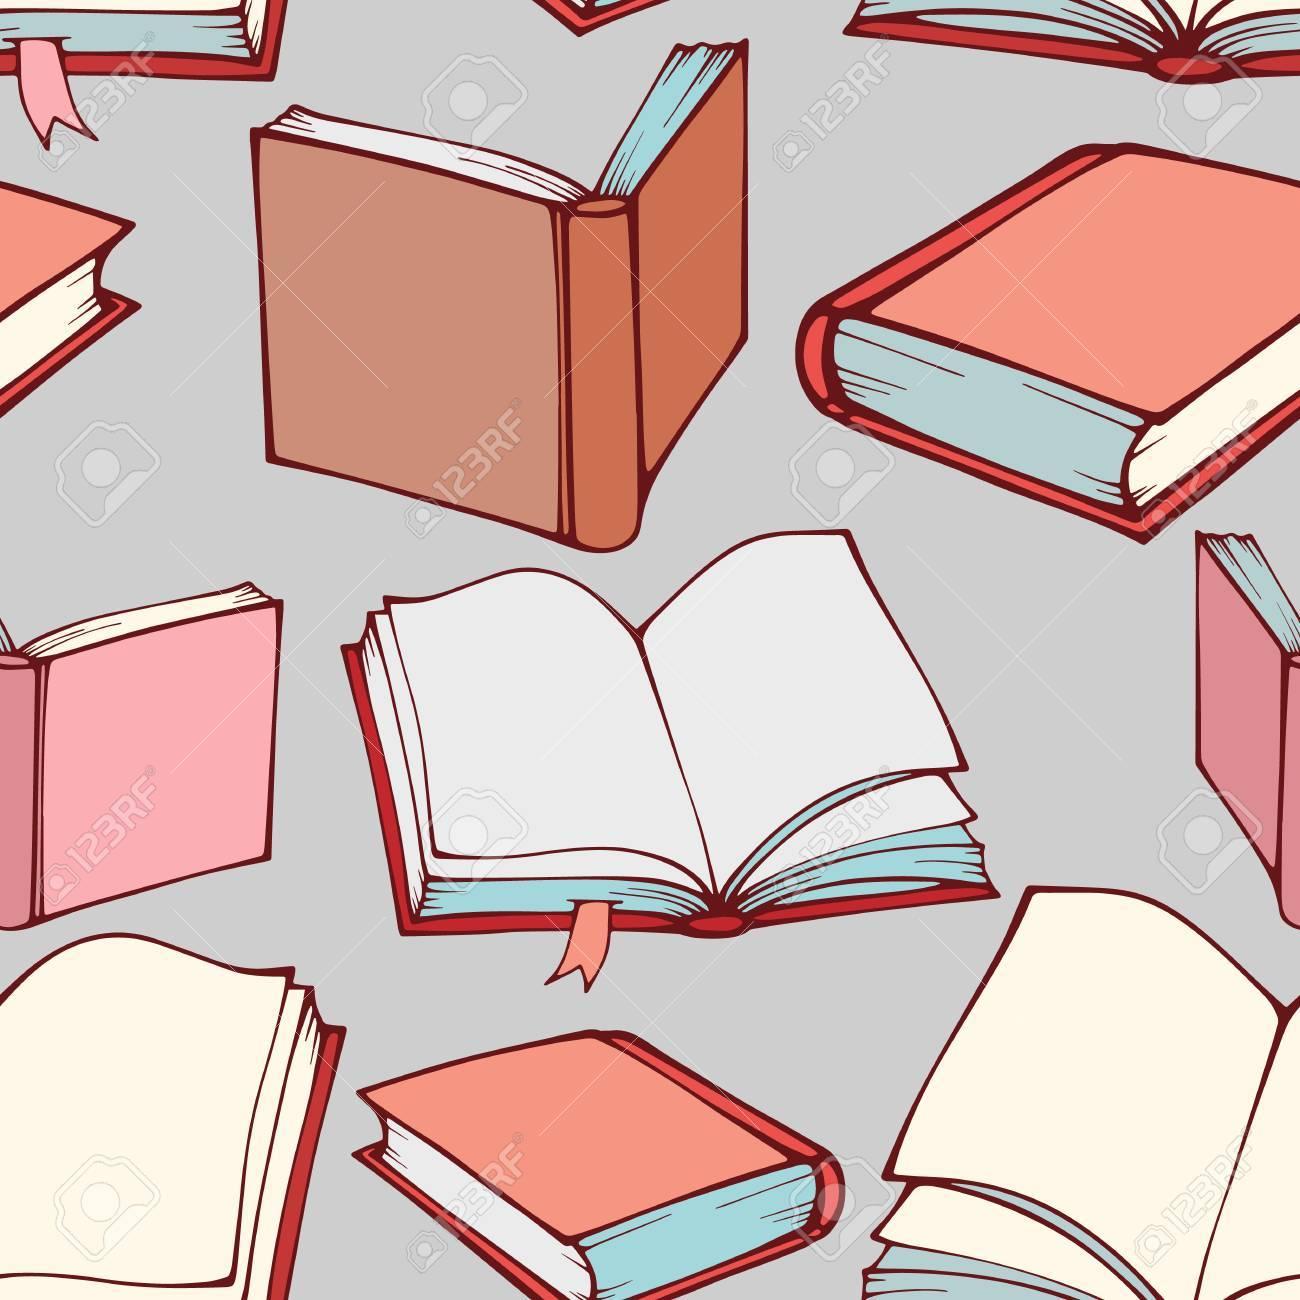 Dekorative Bücher nahtlose muster mit hand gezeichneten dekorative bücher lizenzfrei